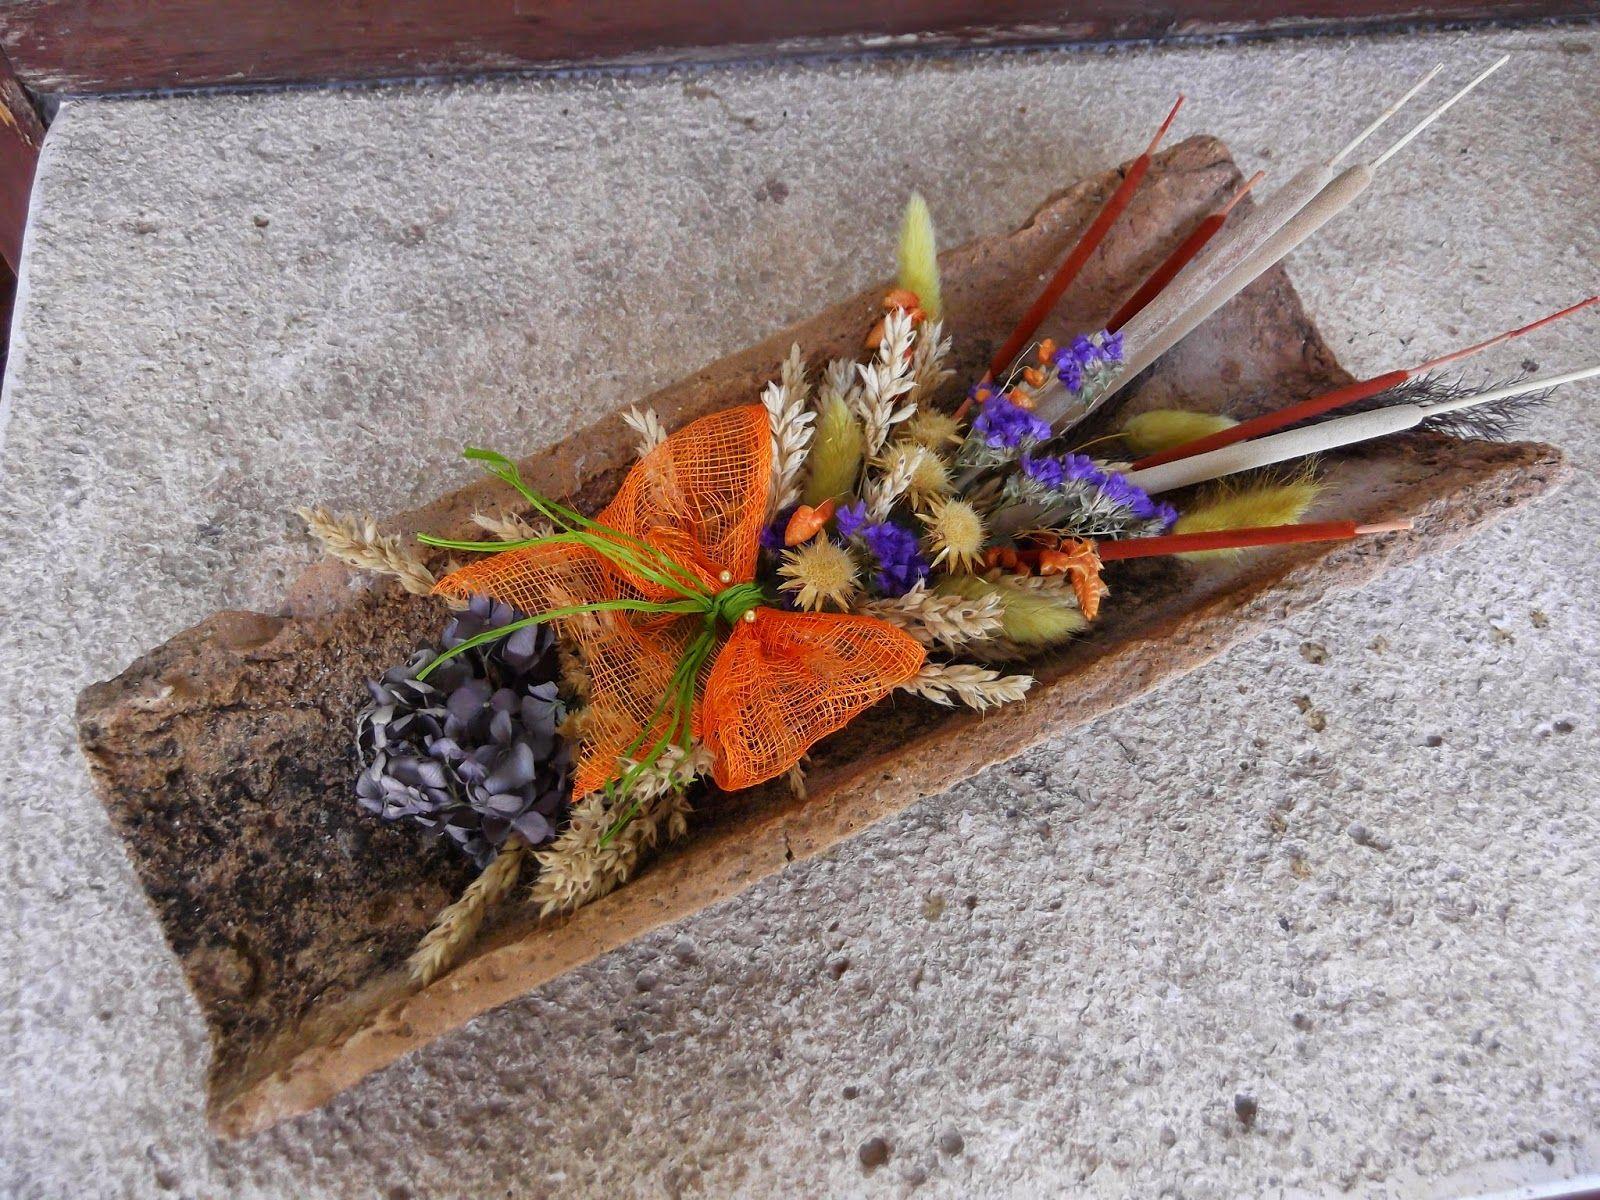 Centro de mesa con teja y decoraci n de flores curiosidades curiosities flores flores - Plantas secas decoracion ...